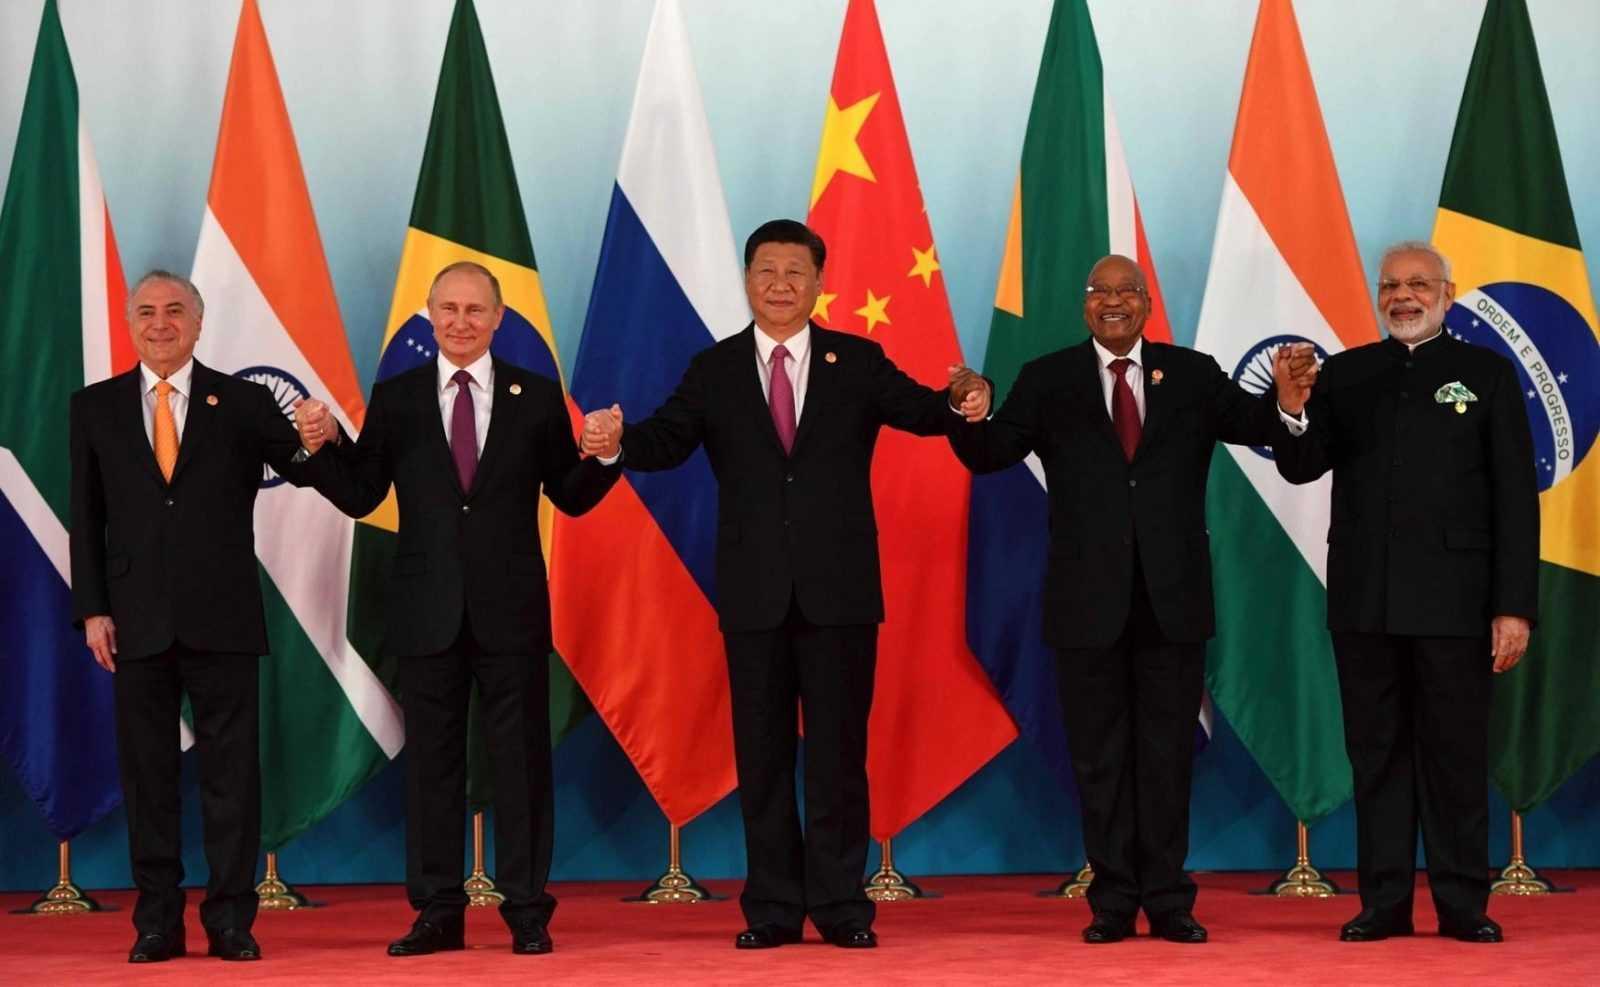 Все лидеры стран, входящих в БРИКС